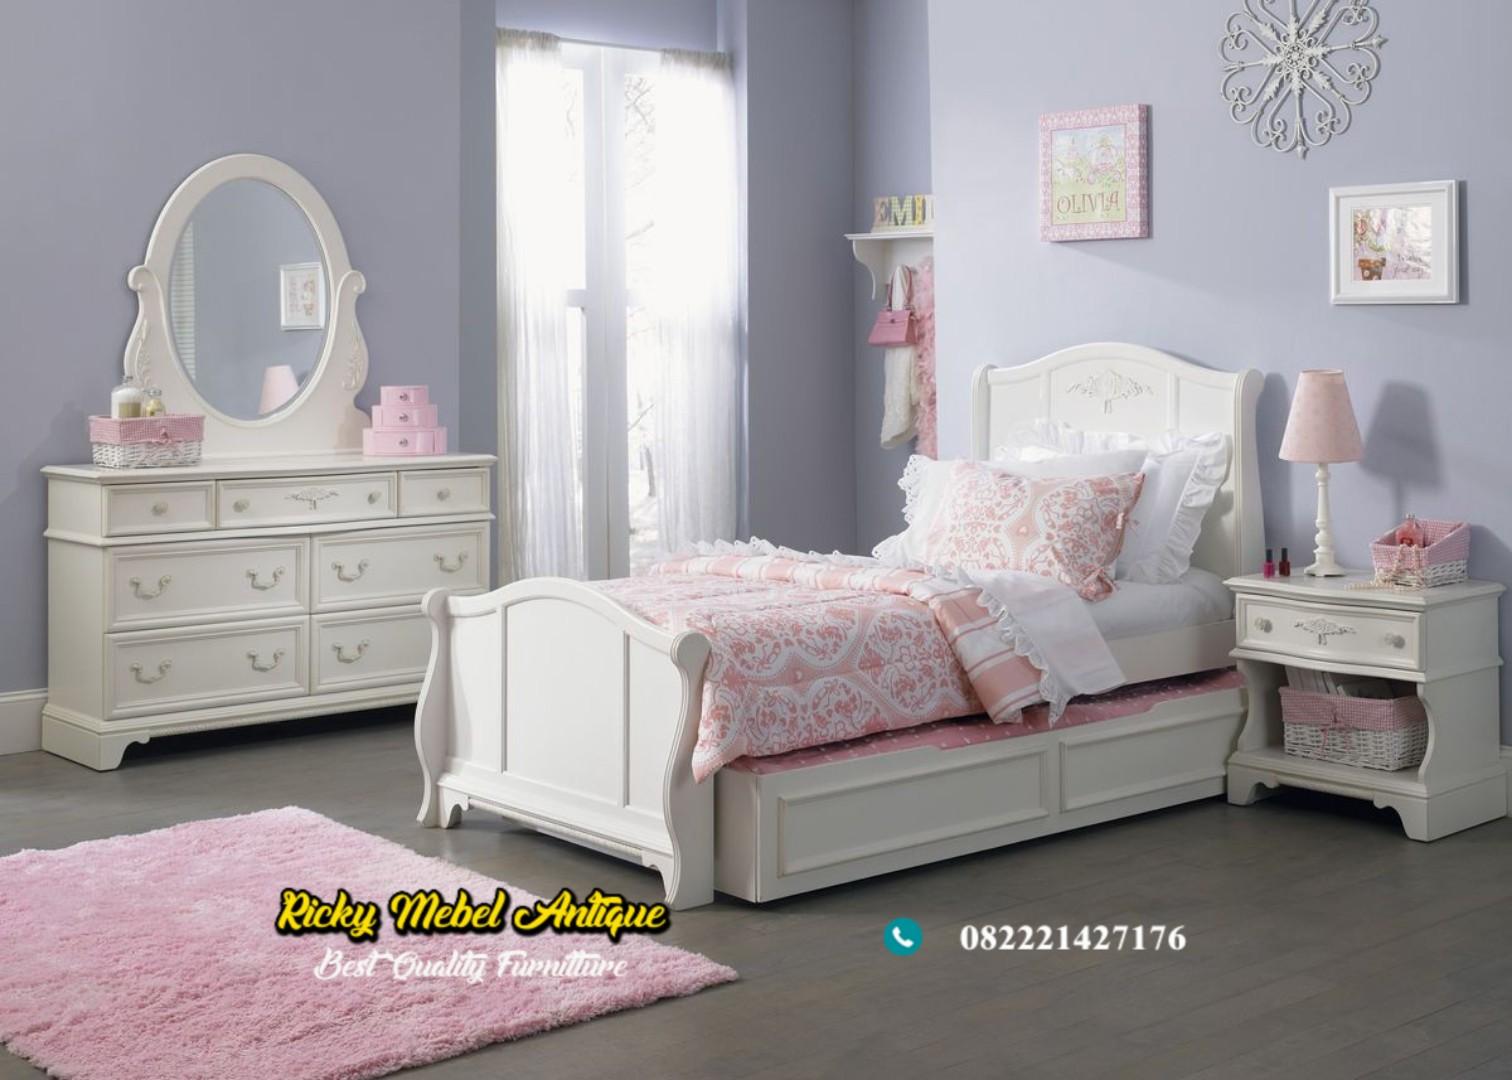 tempat tidur anak inimalis modern